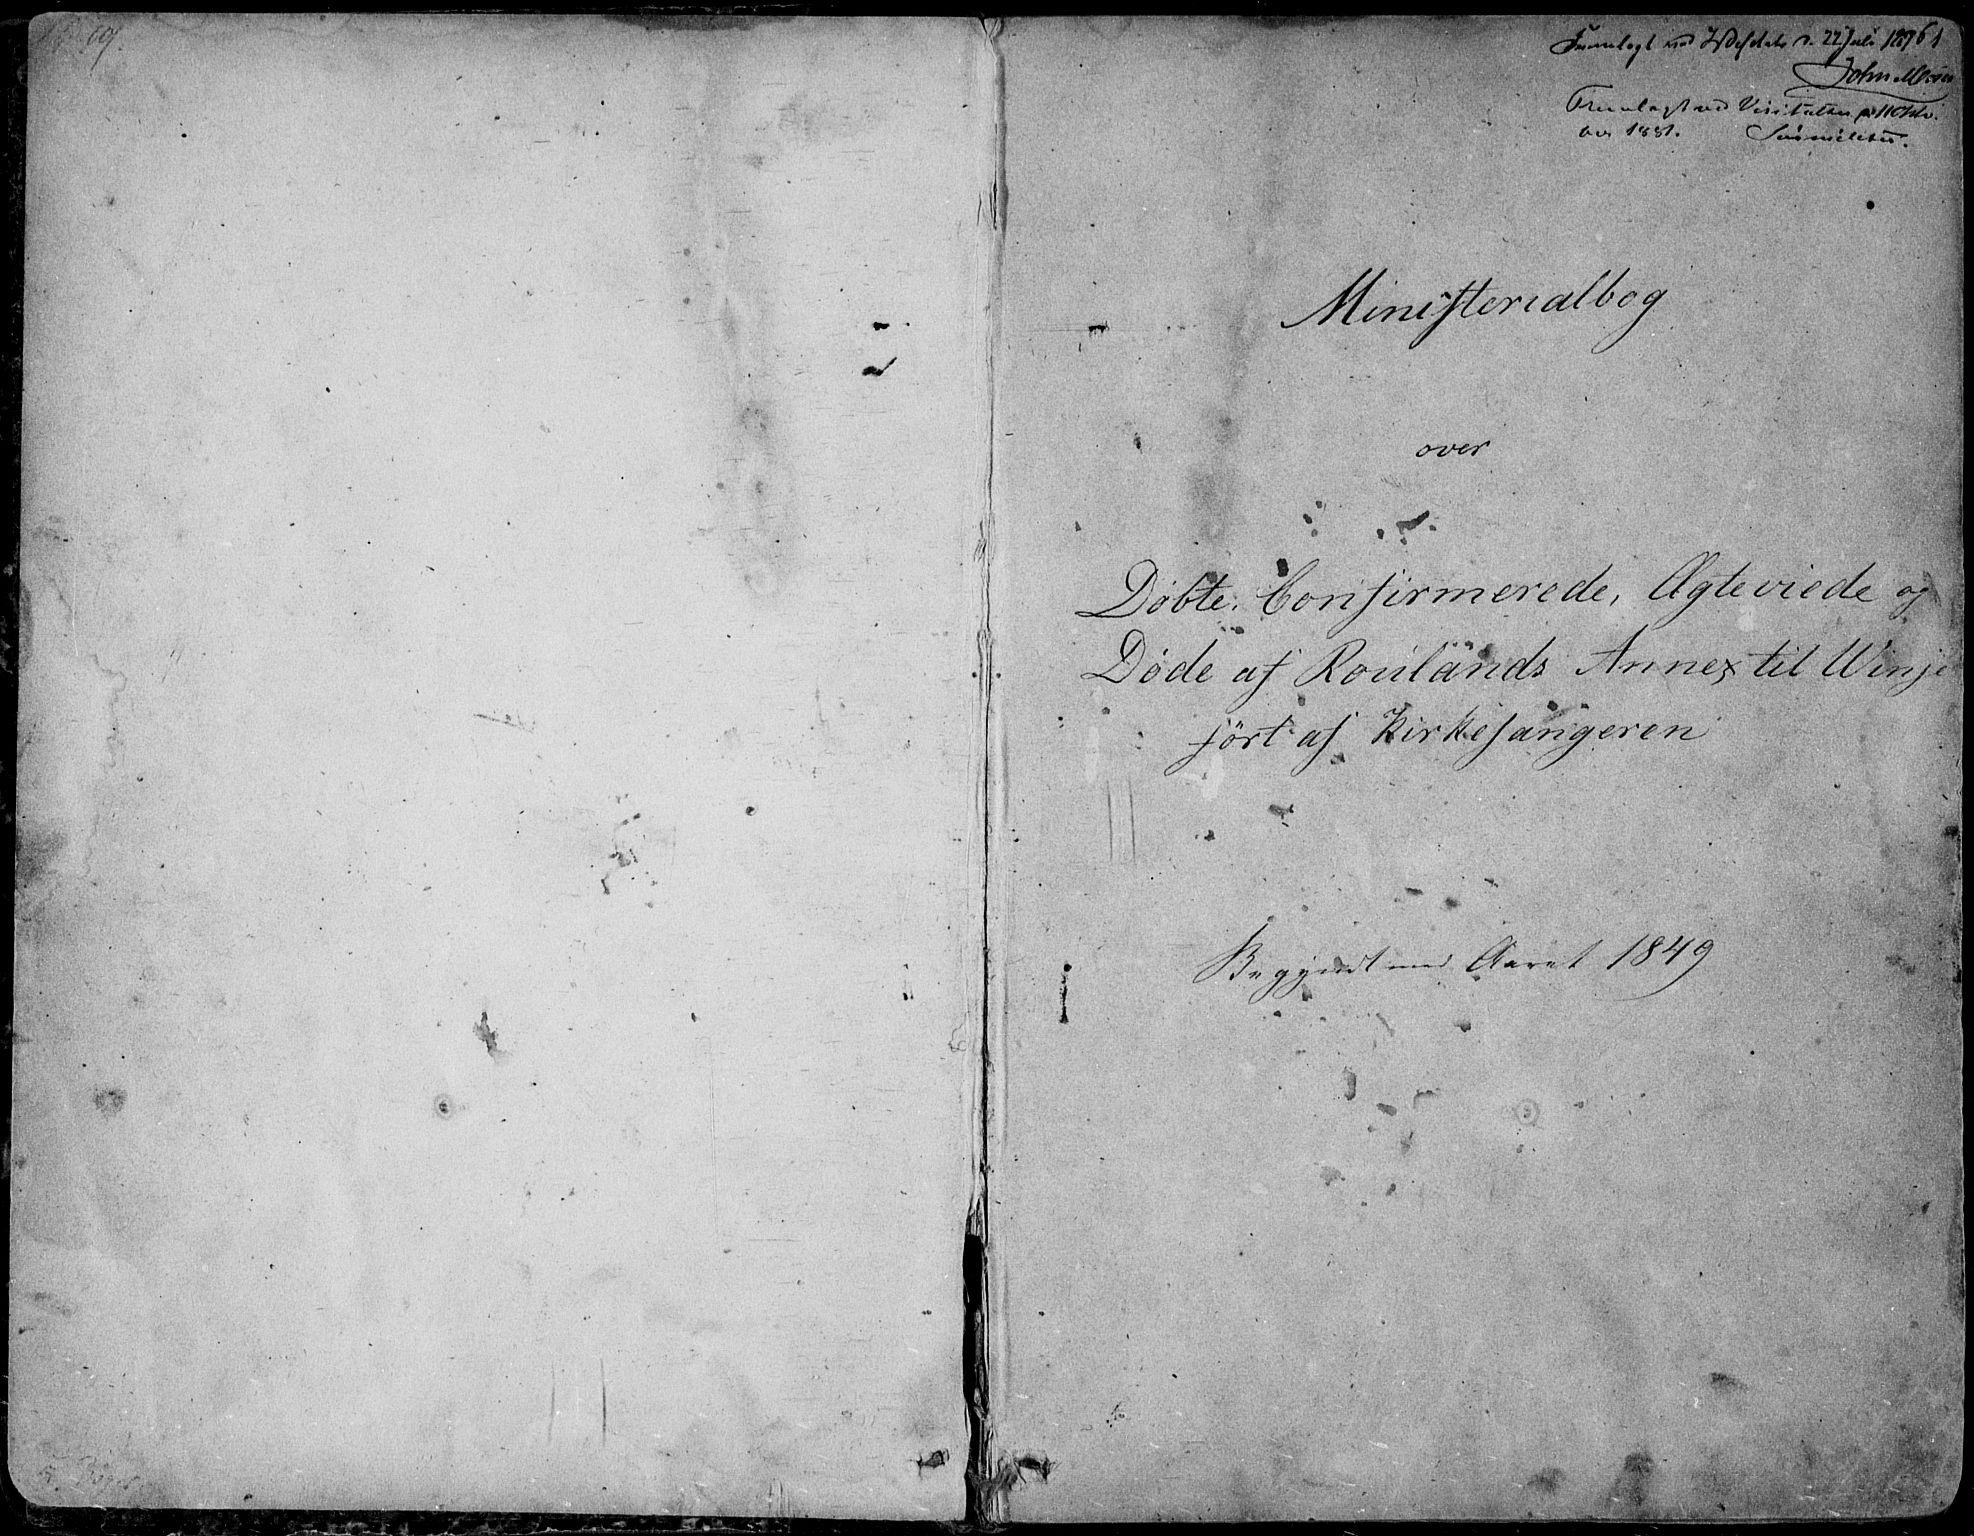 SAKO, Rauland kirkebøker, G/Ga/L0002: Klokkerbok nr. I 2, 1849-1935, s. 1-2